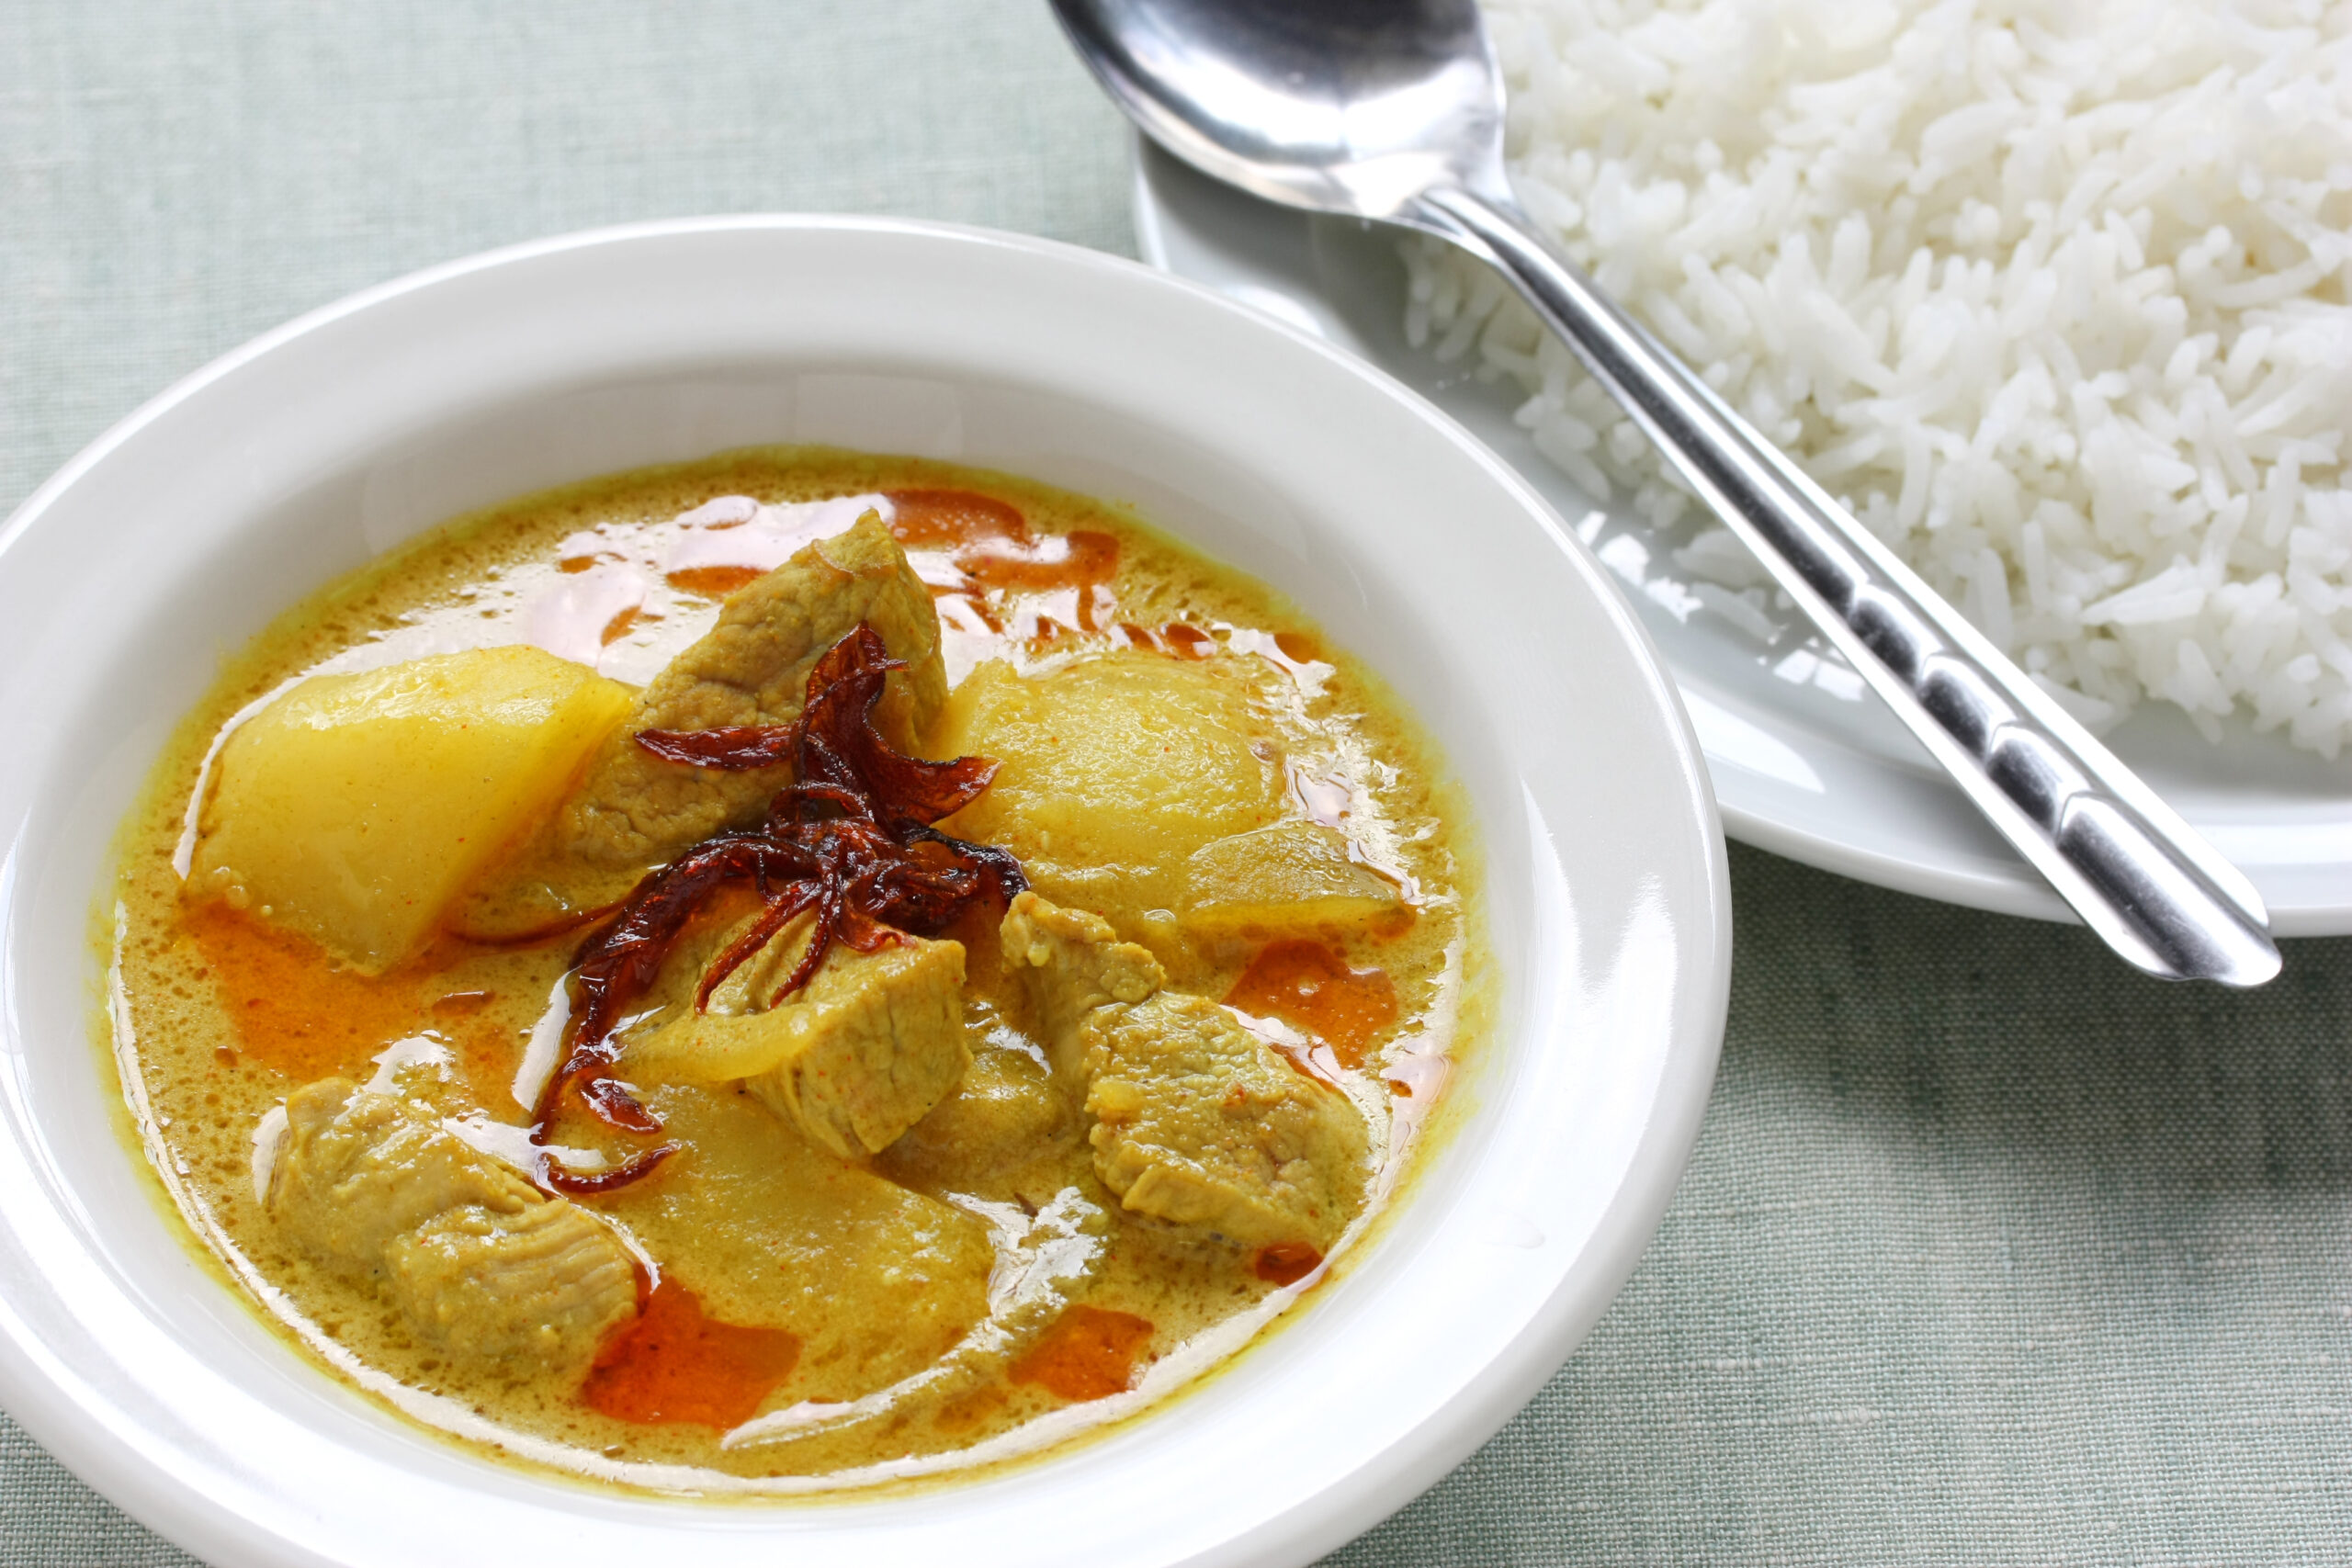 タイ料理:ゲーンカリー【イエローカレー】(แกงกะหรี่)